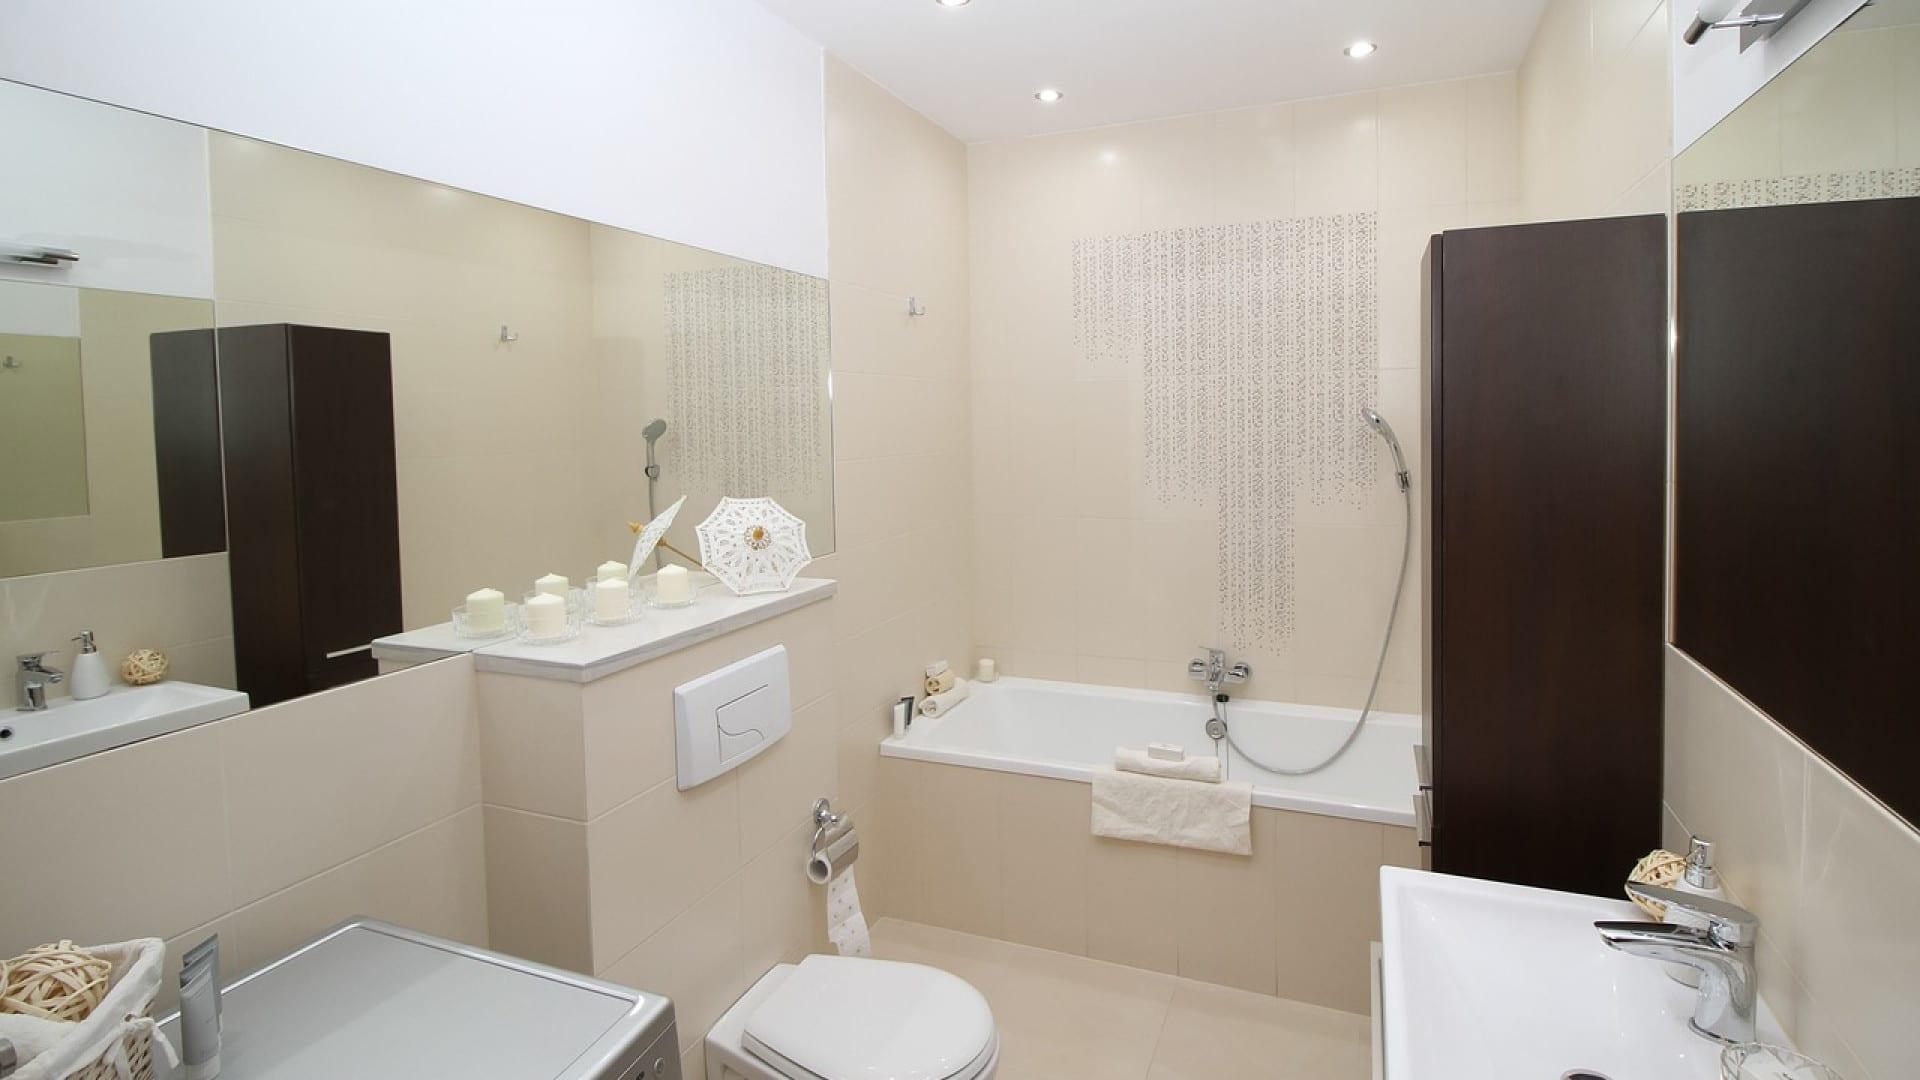 Choisir des meubles de salle de bain très design